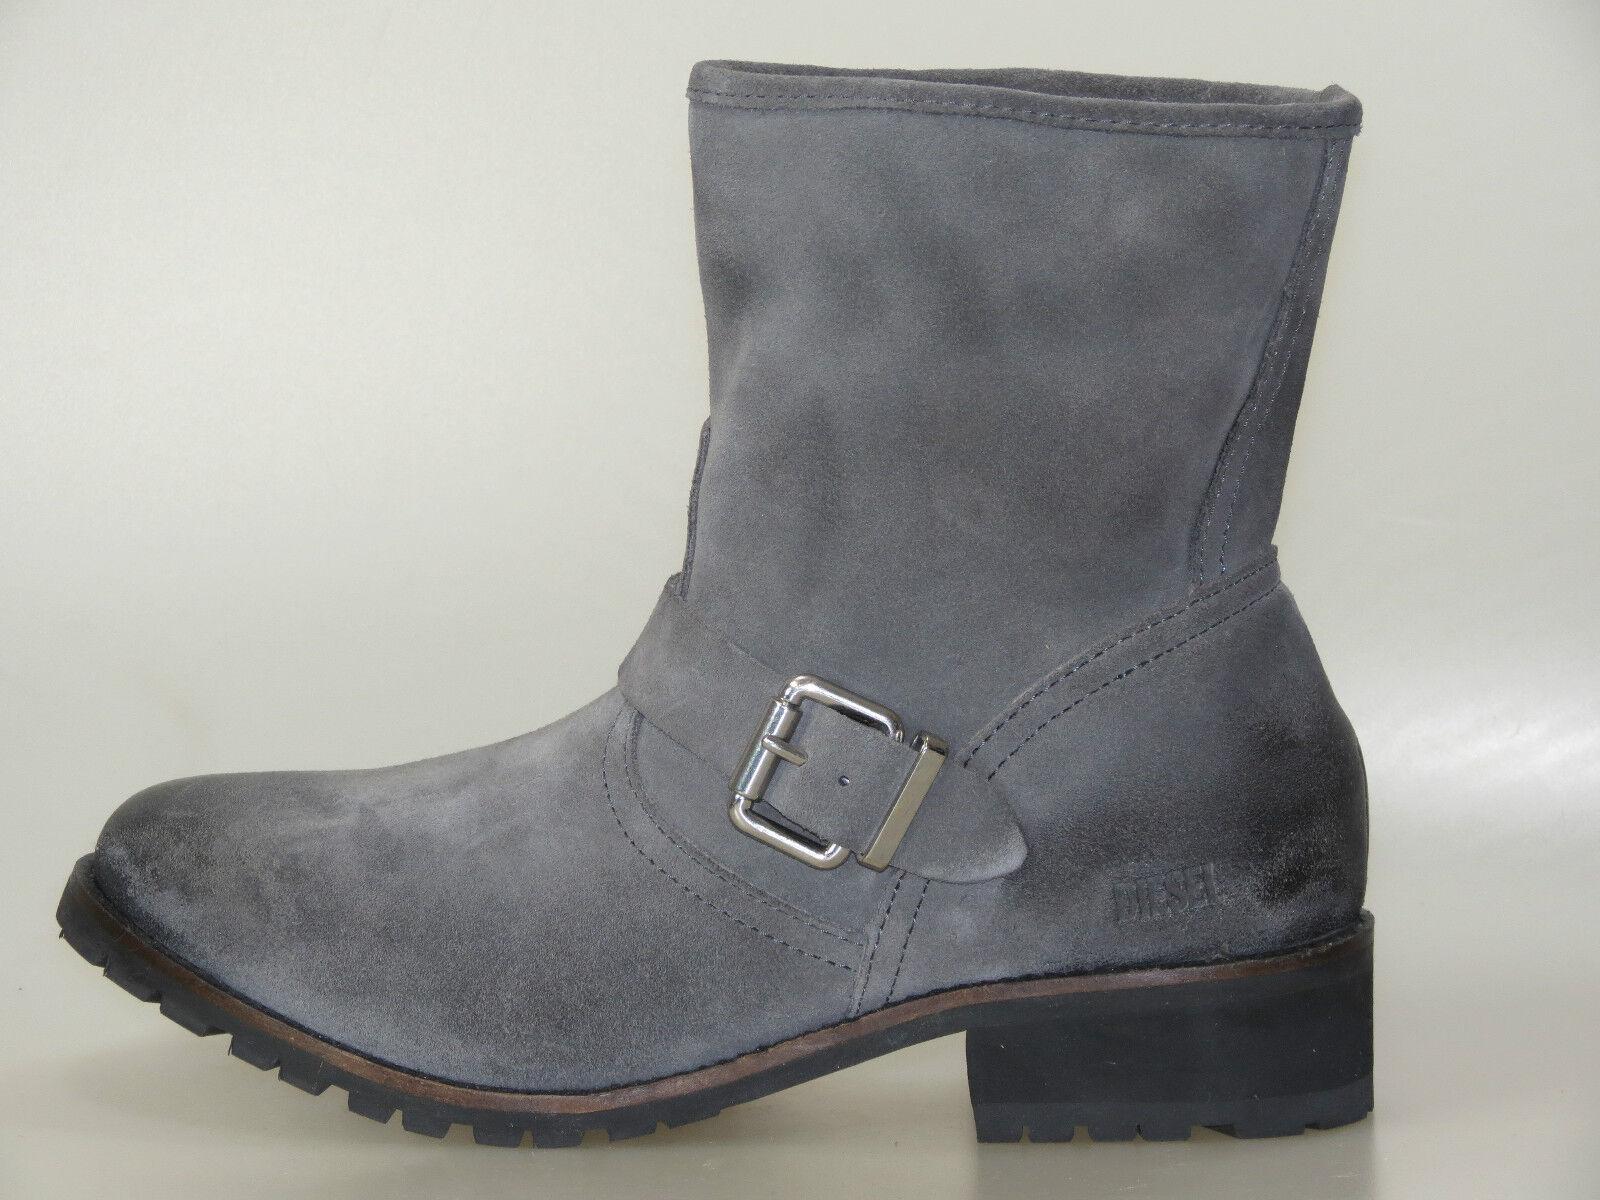 DIESEL MARY damen Stiefel STEEL grau Y00564 PR047 T8087 Grau +NEU+ Größe 37-40